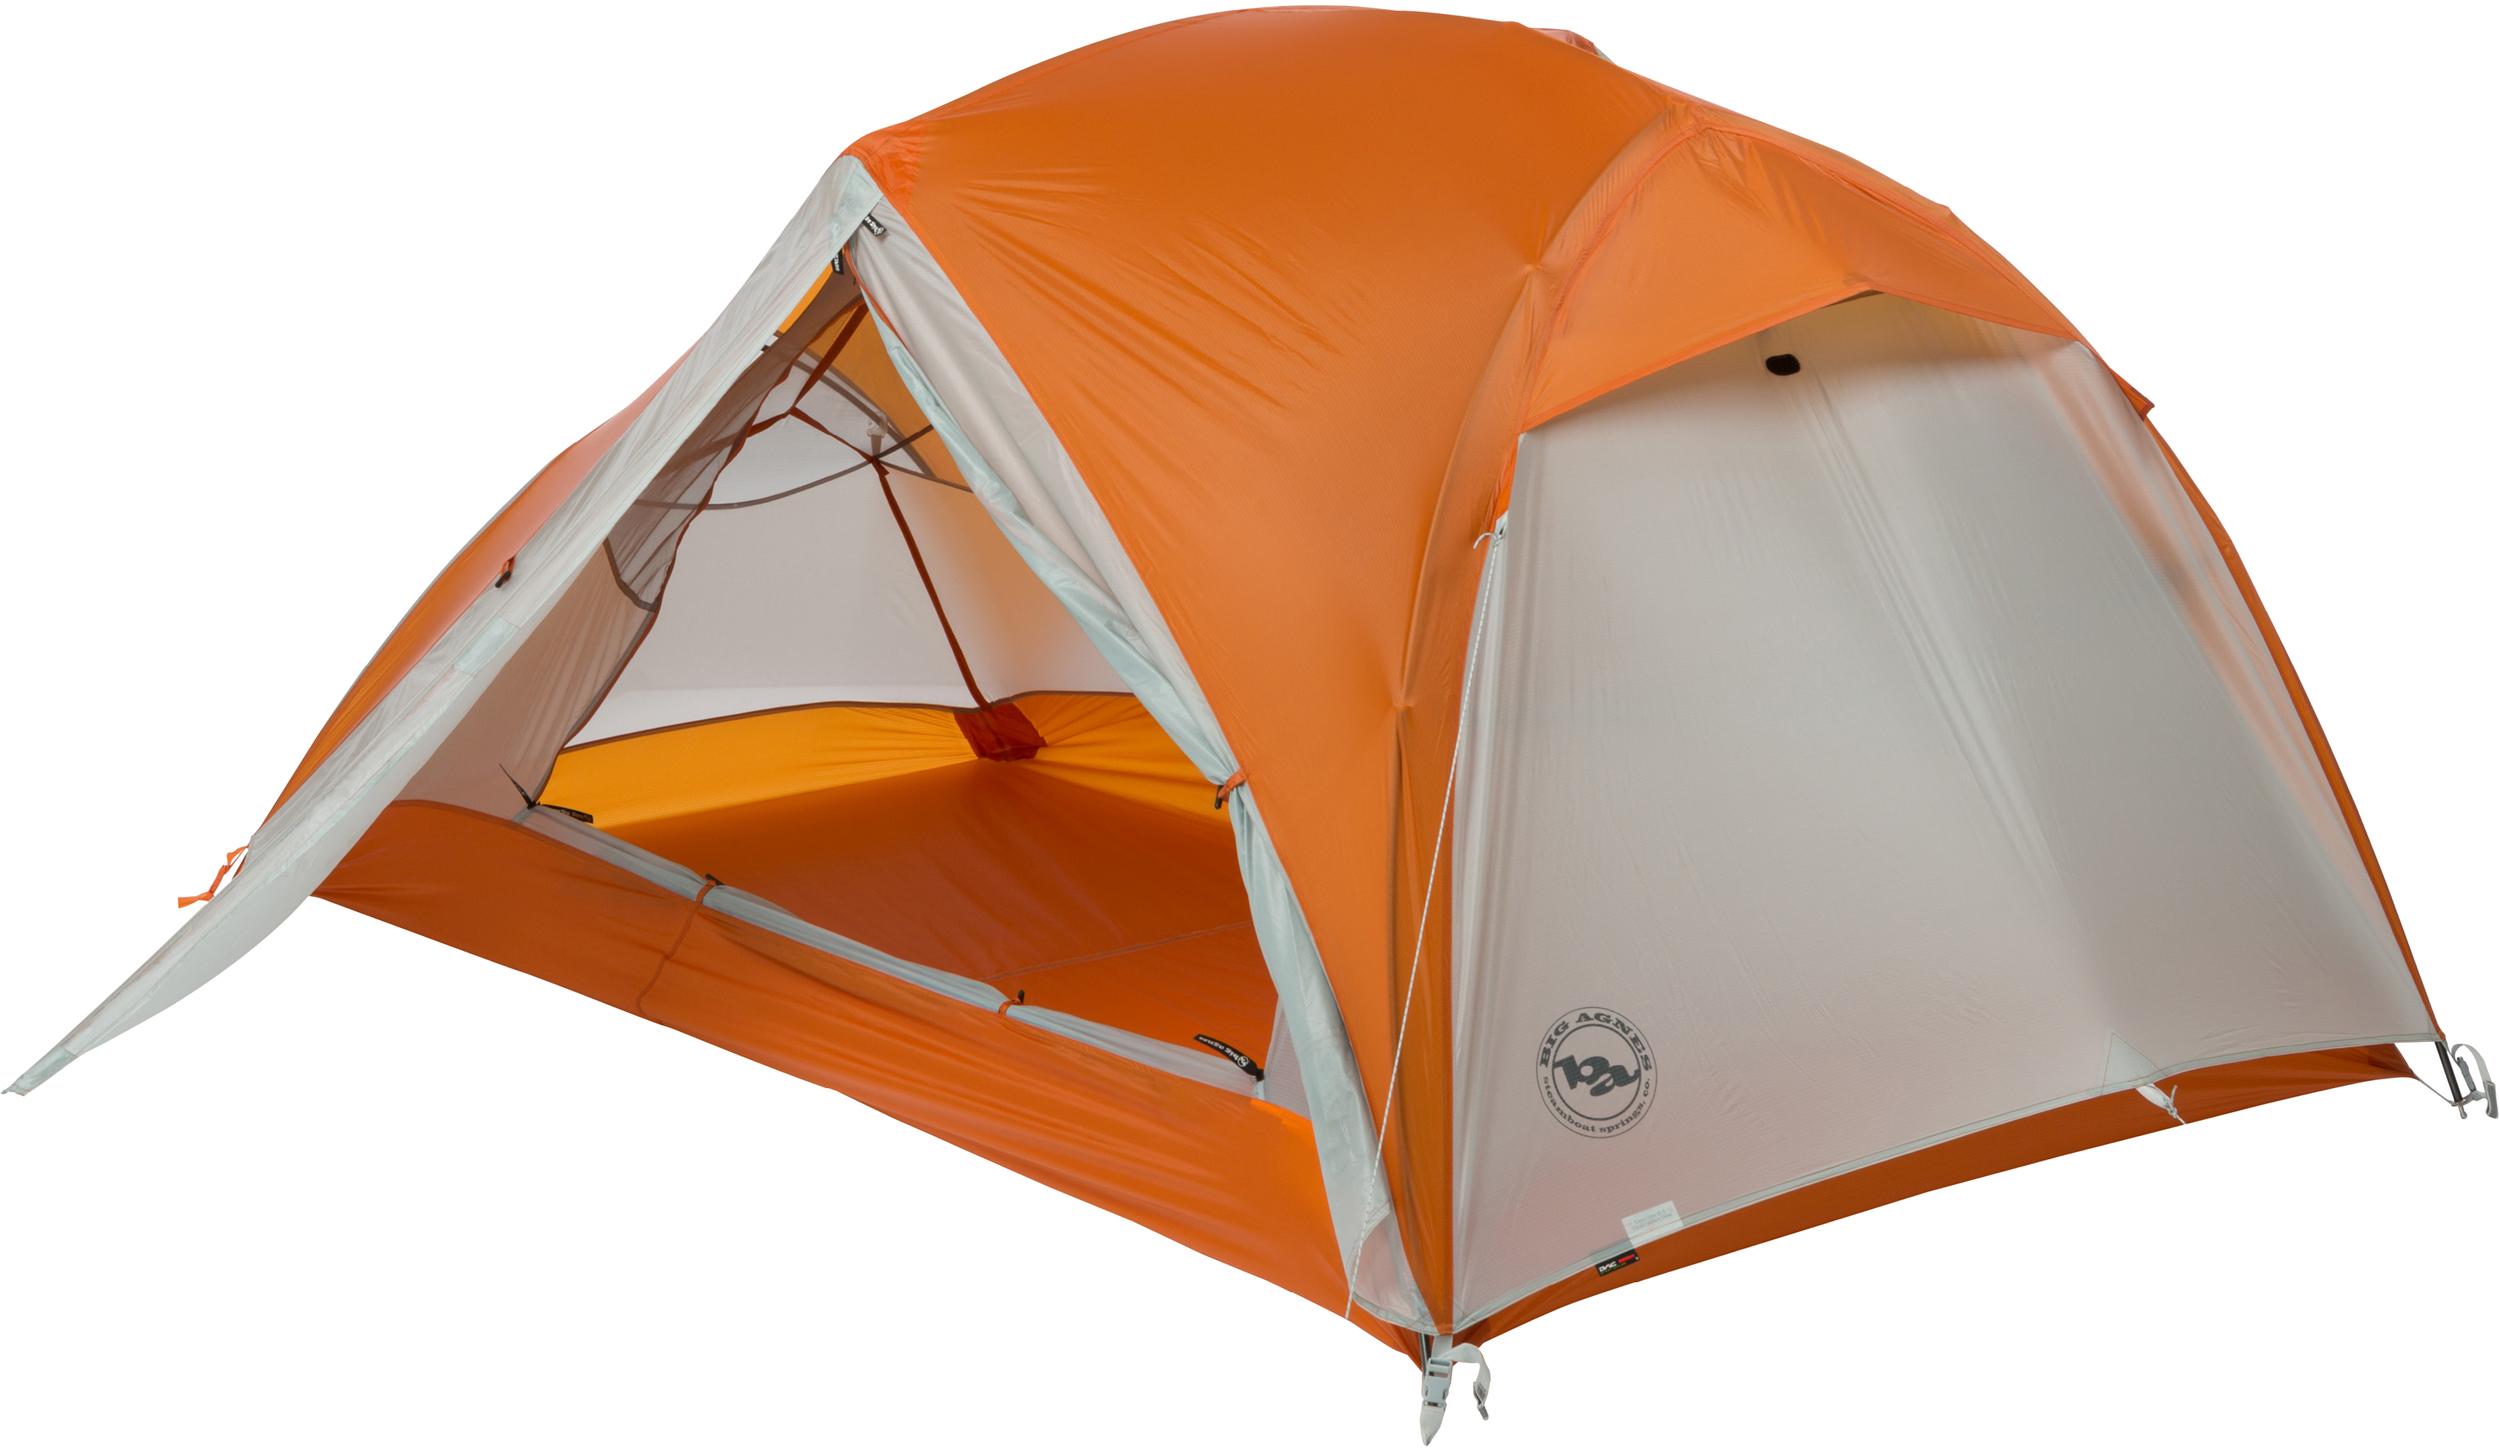 Big Agnes Copper Spur UL 2-Person Tent 6f9c0f66cc5d